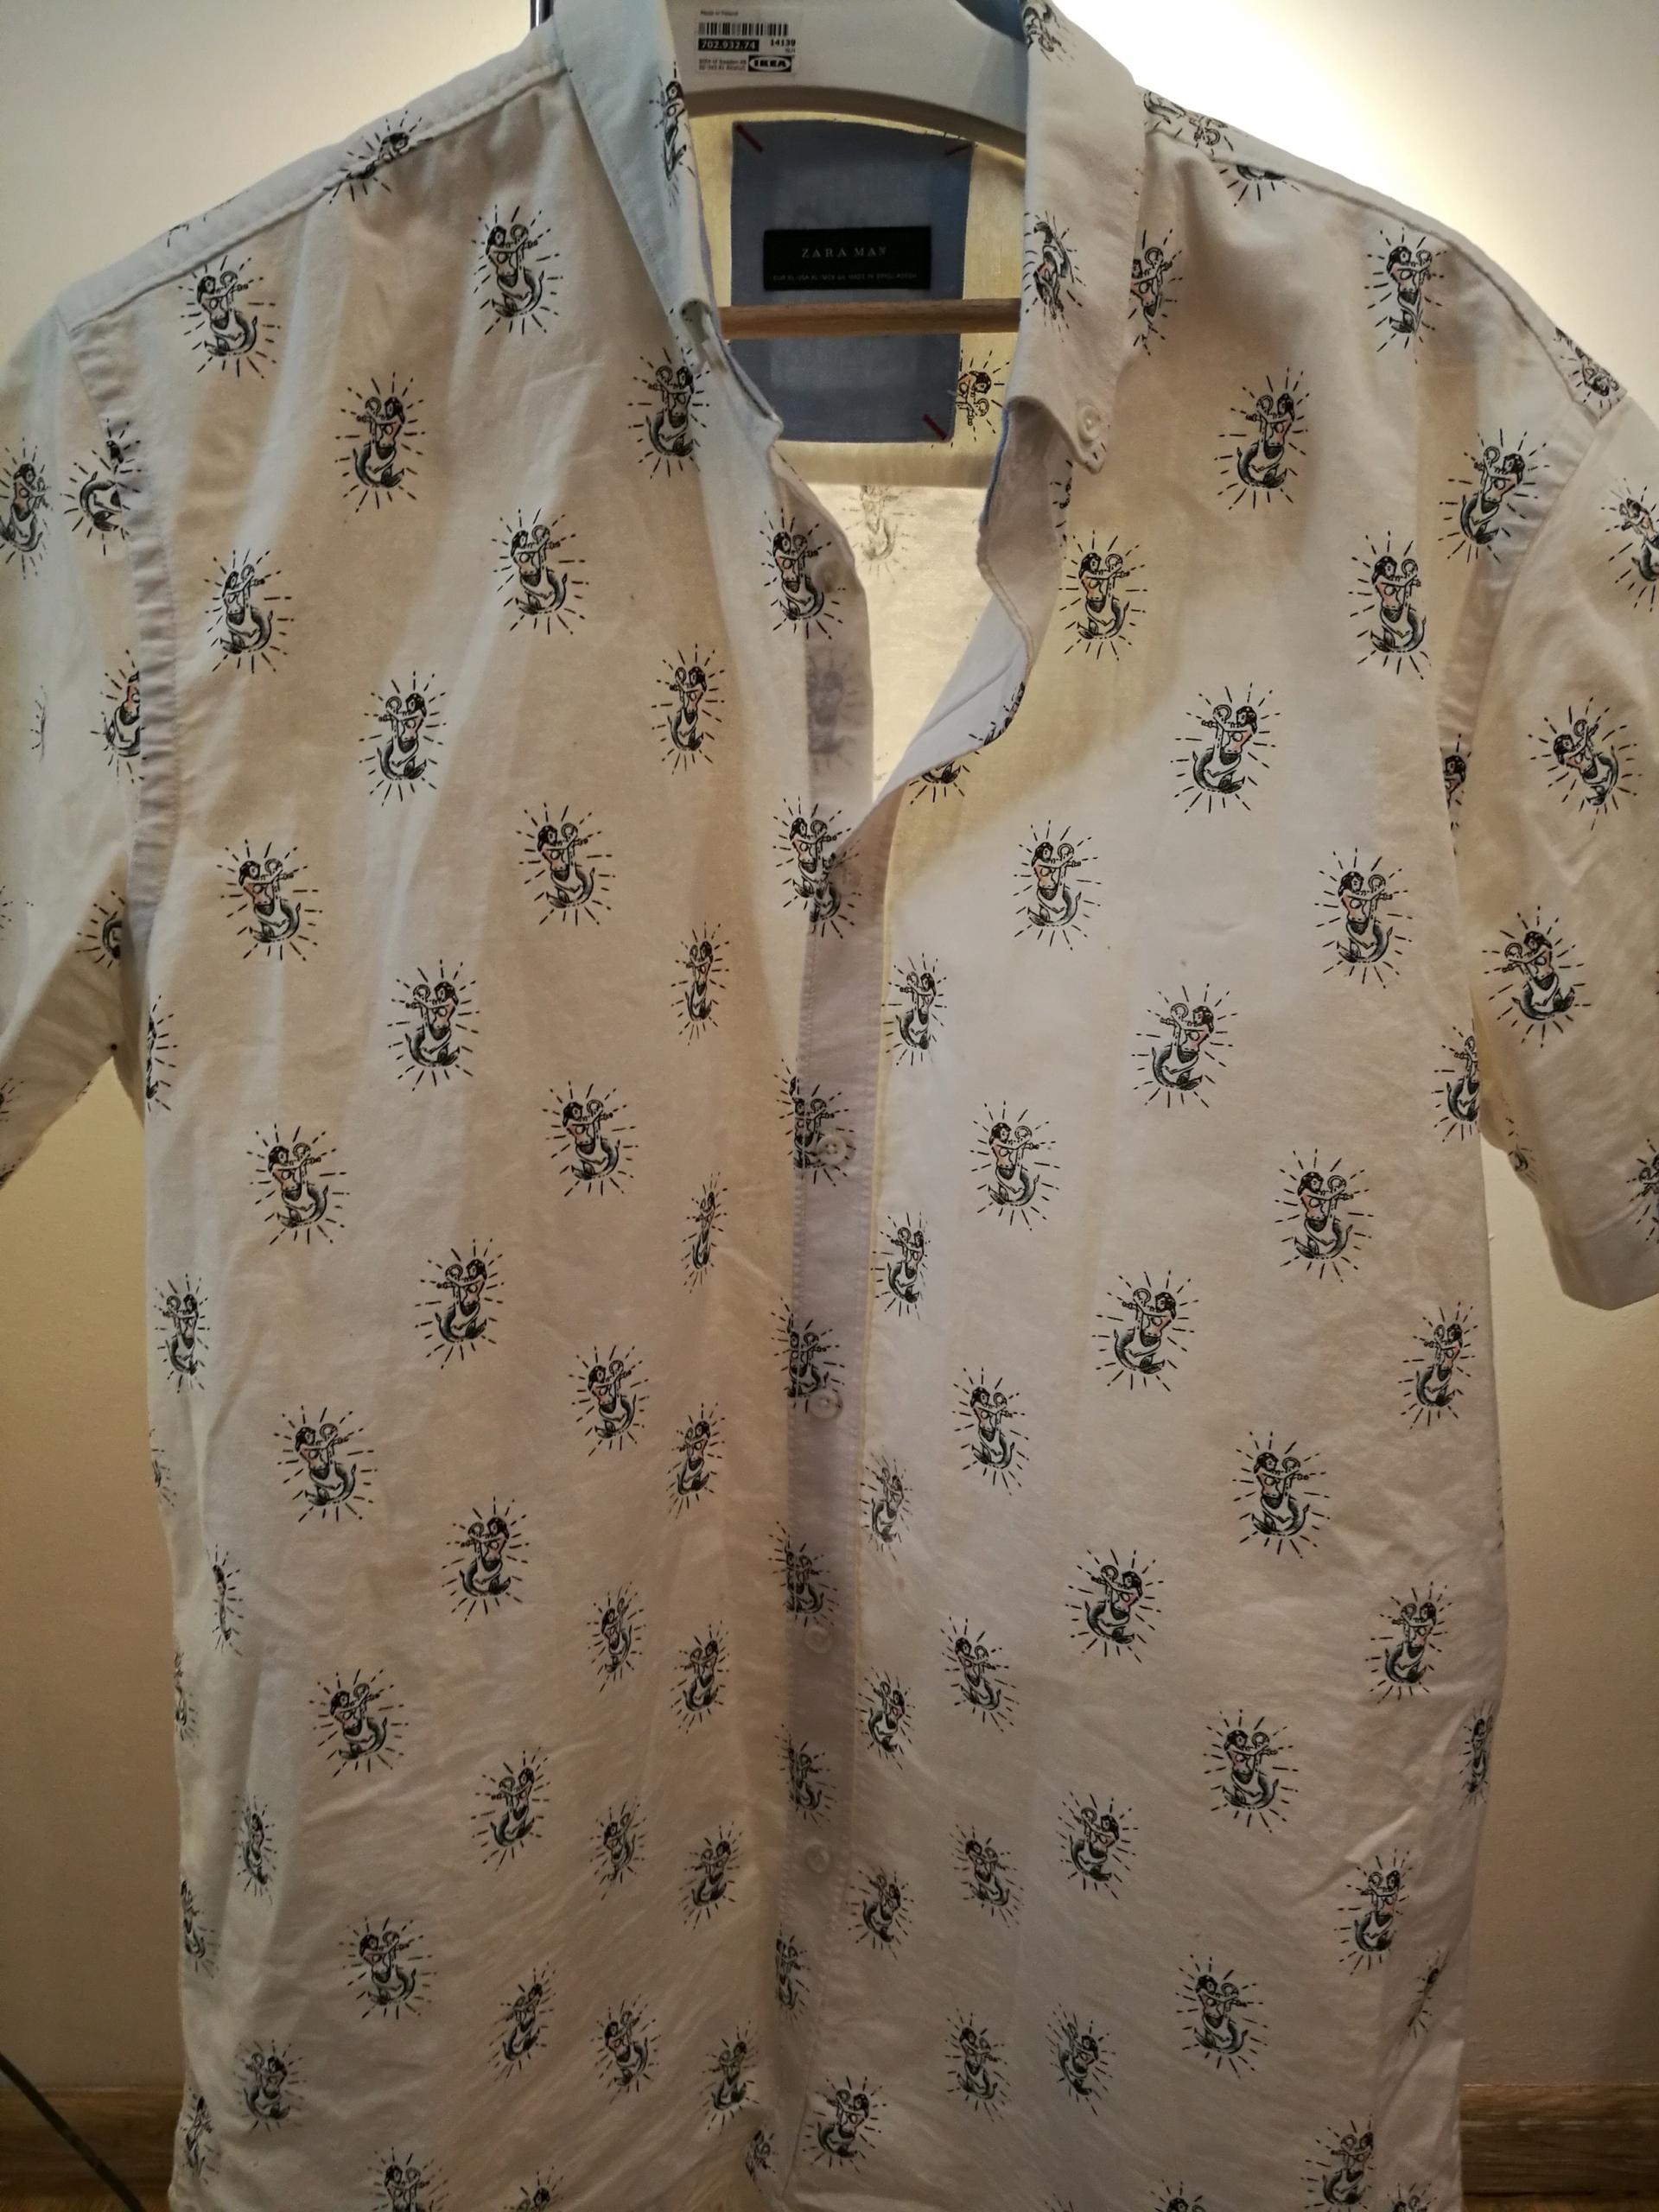 ZARA - Koszula z Krótkim Rękawem we Wzory